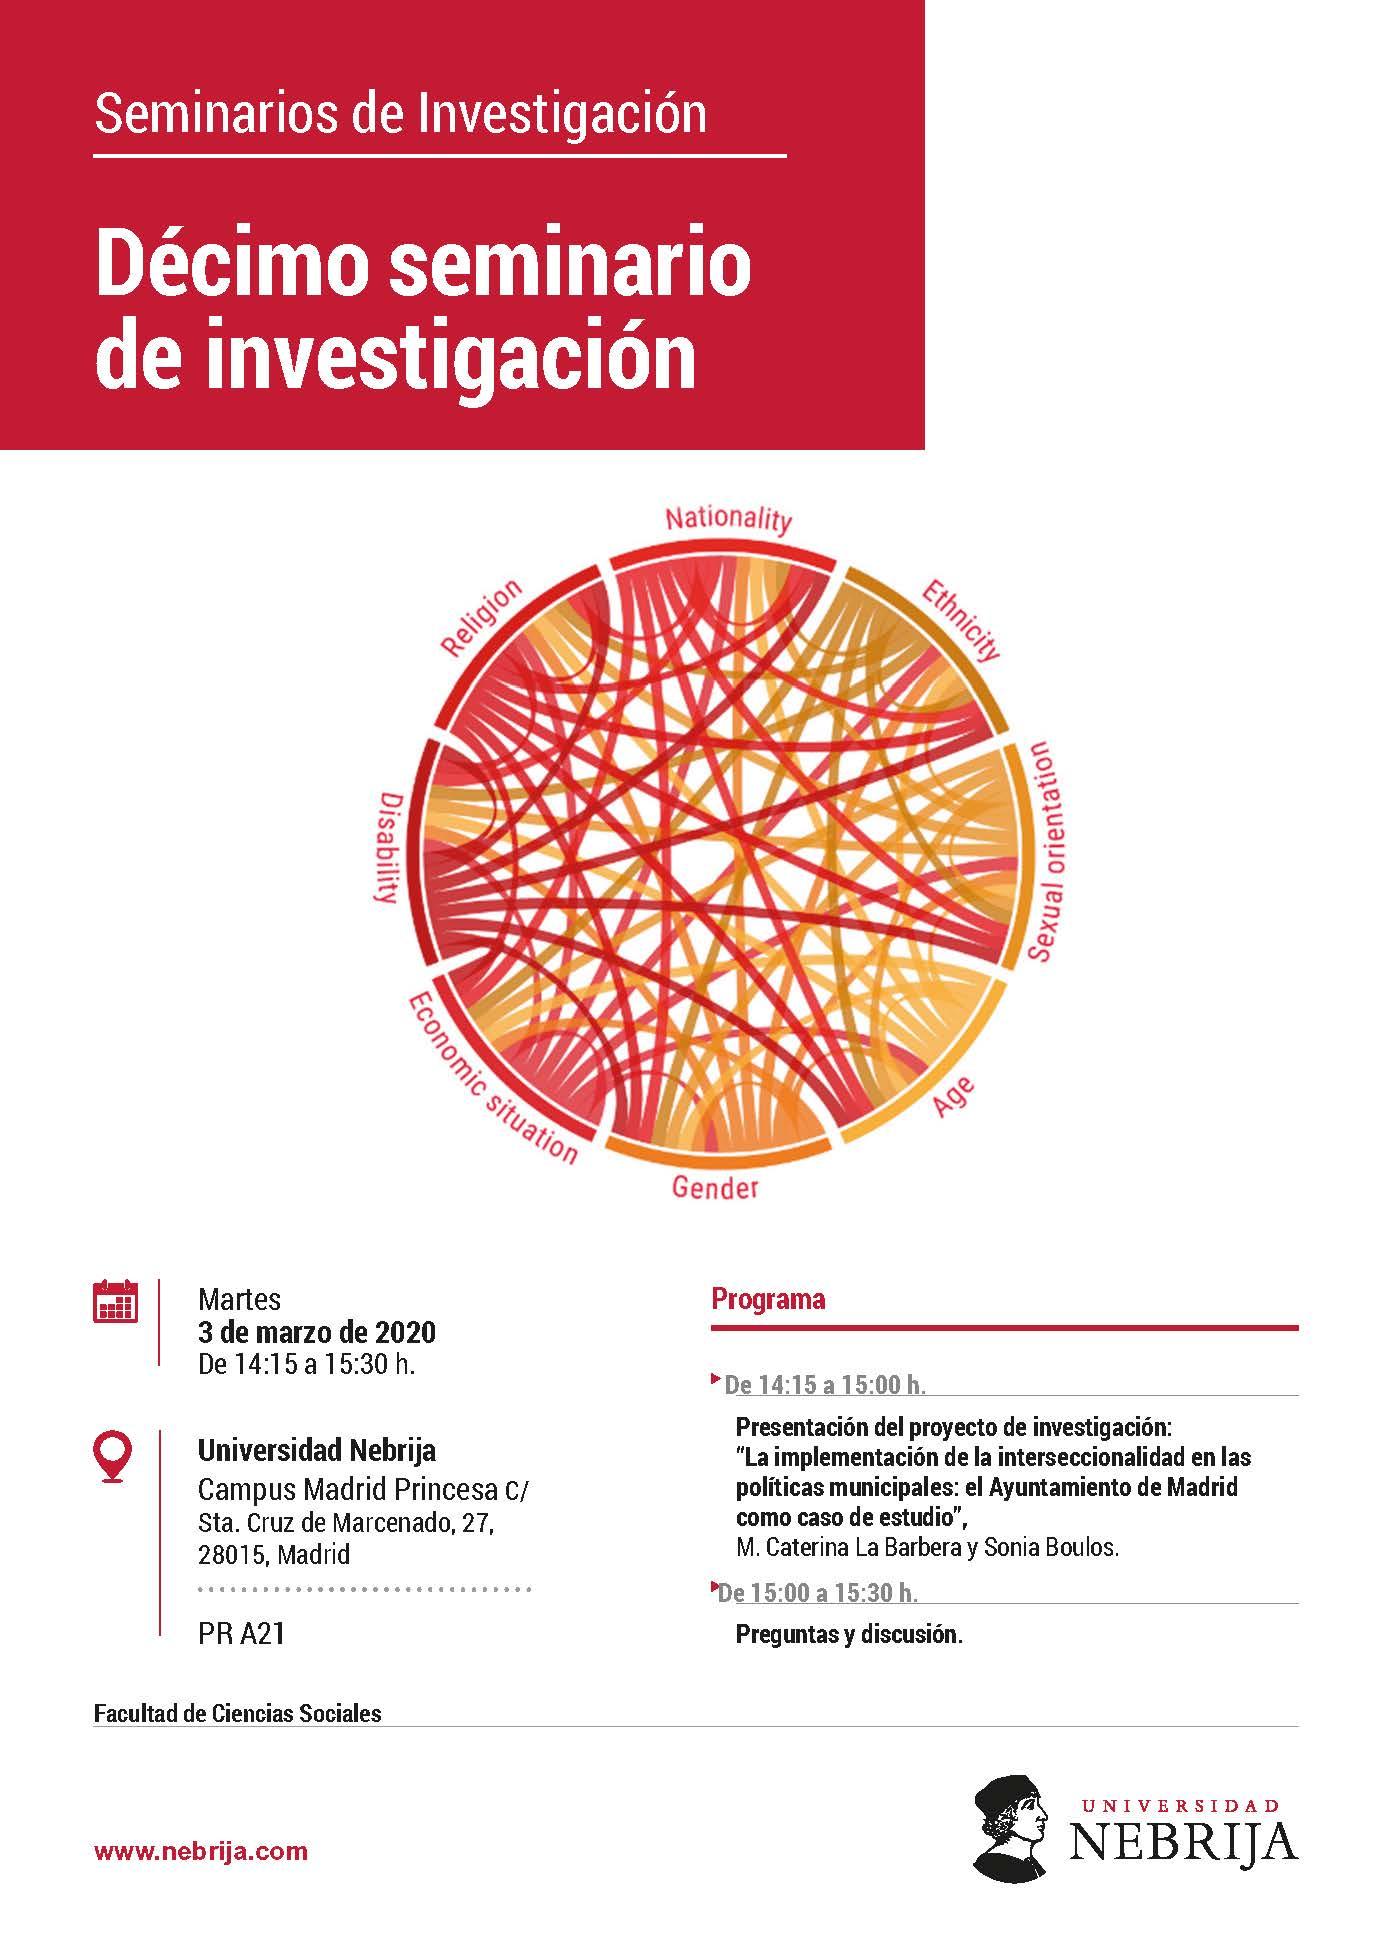 """La implementación del enfoque """"derechos humanos, género e interseccionalidad"""" en el Ayuntamiento de Madrid"""